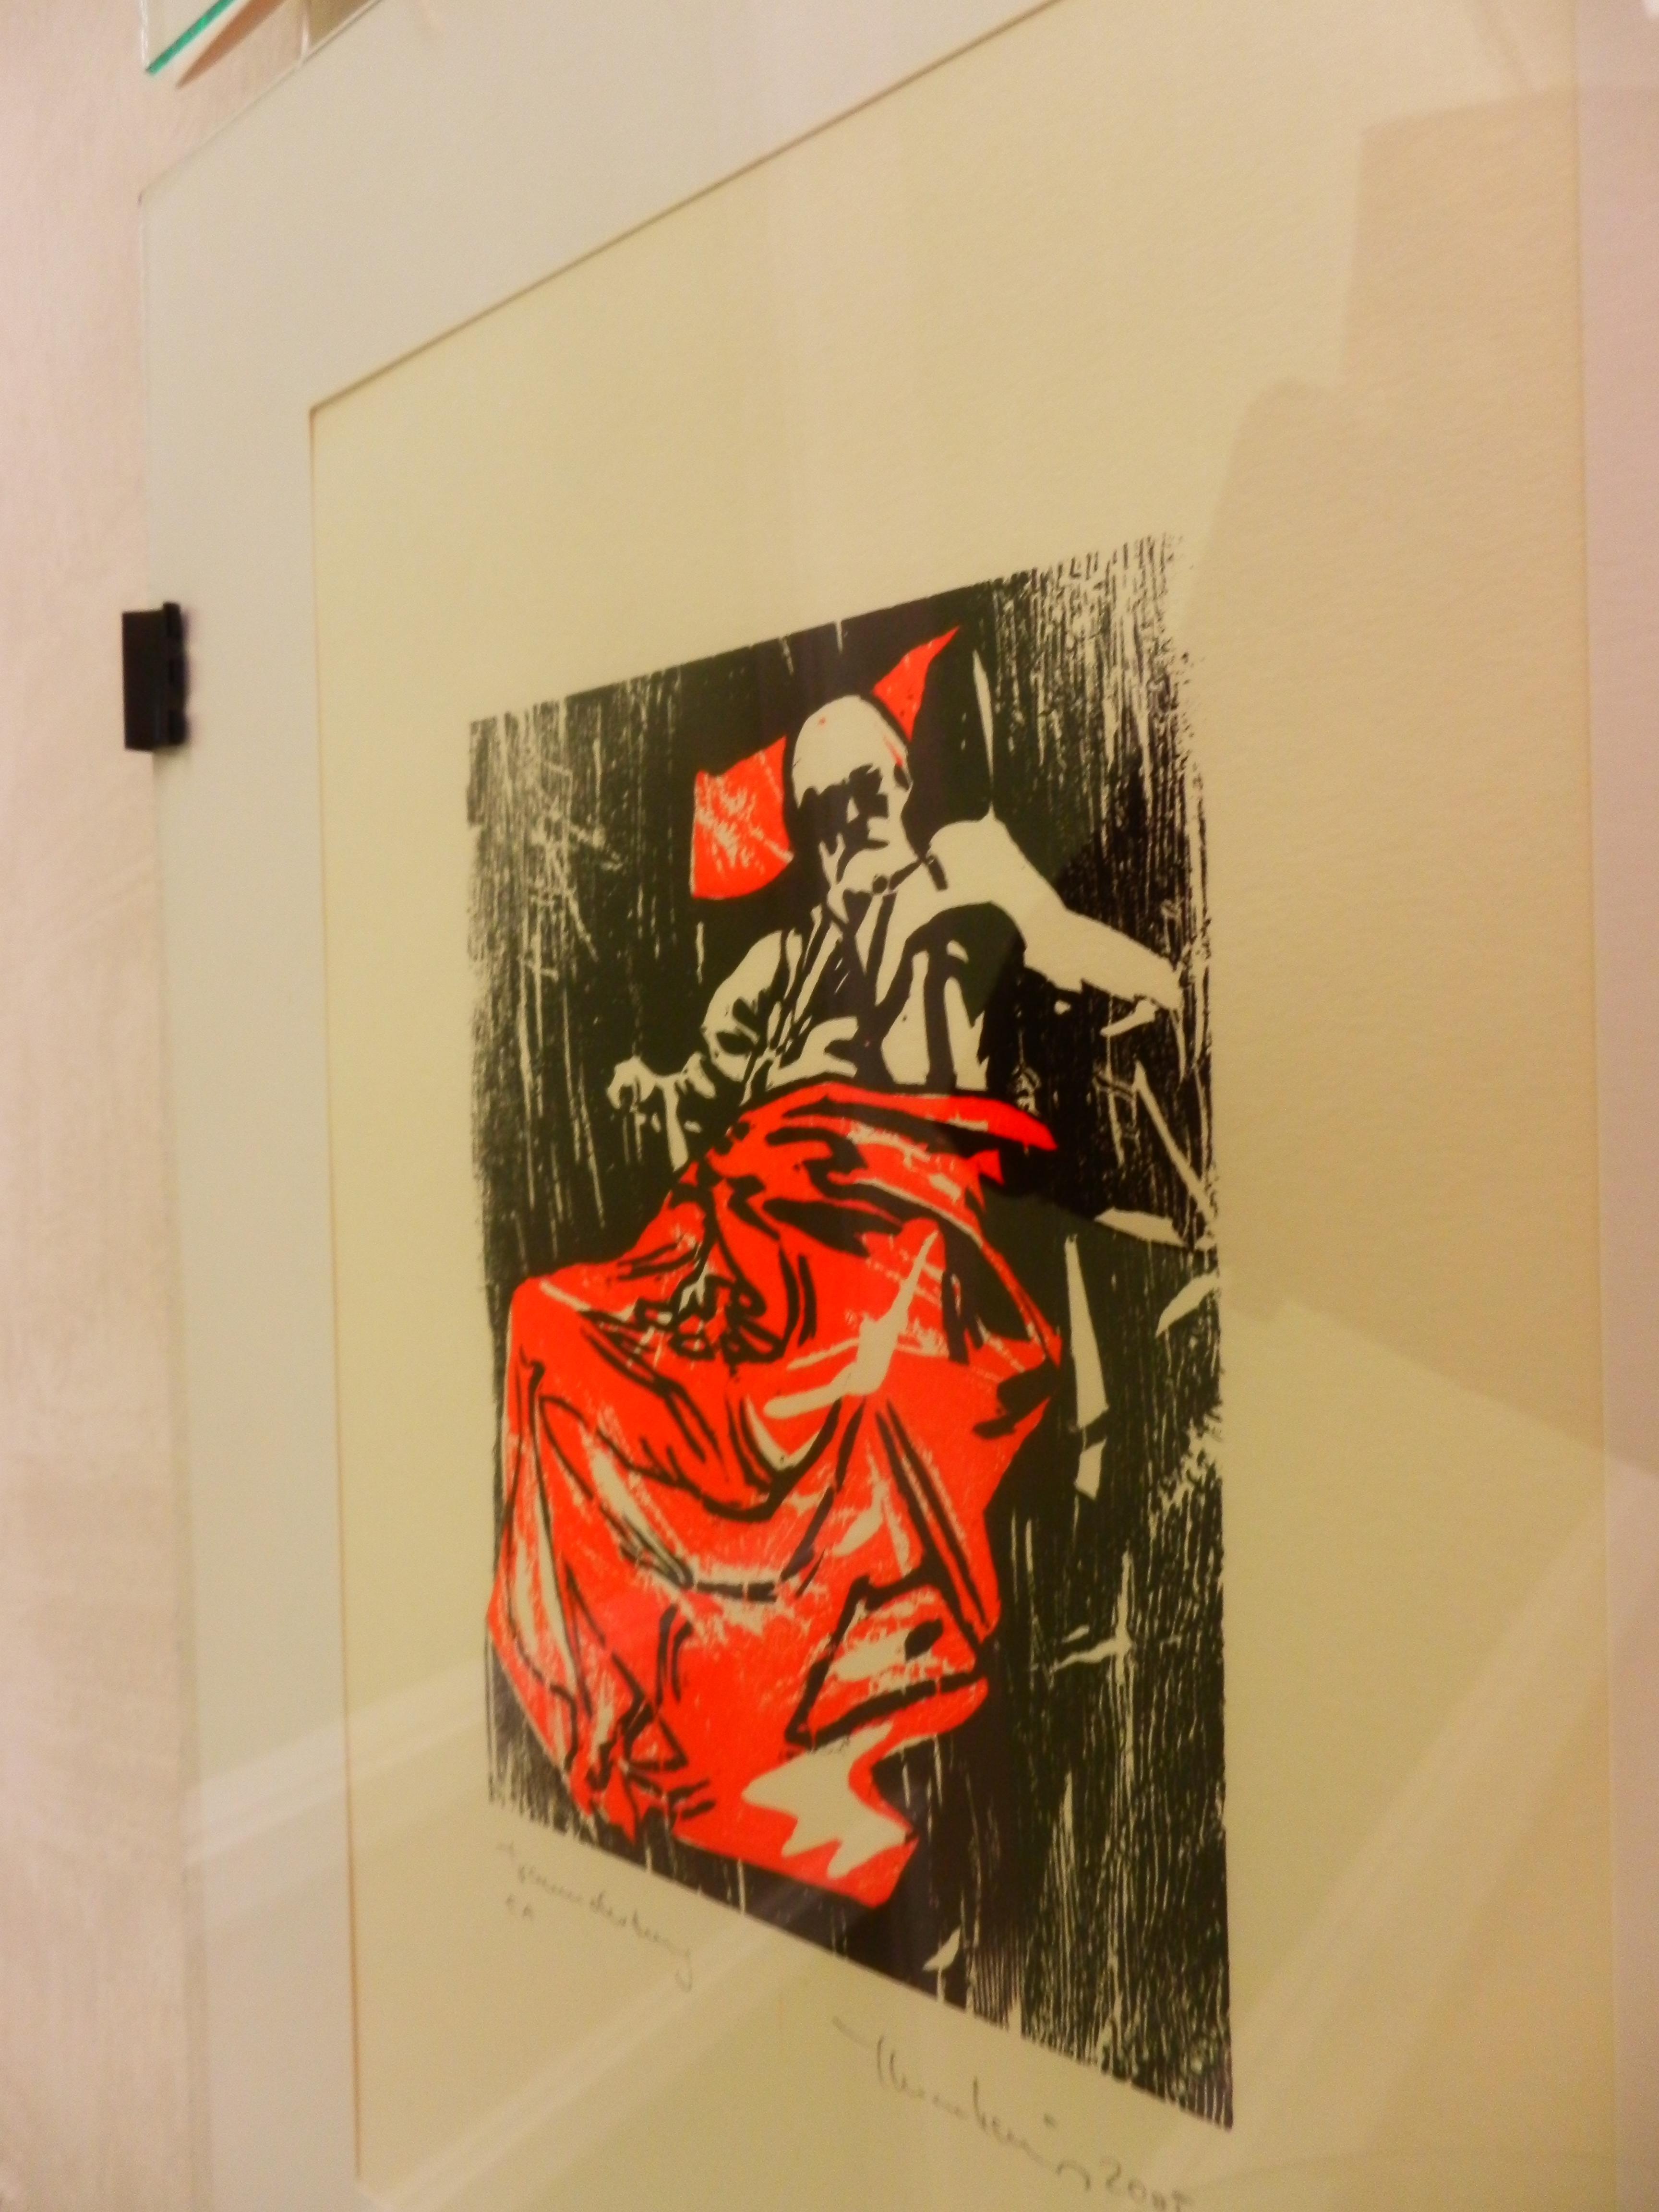 Галерея Гері Боумена. Види з виставки австрійського митця Крістіана Тангойзера «Дереворити, інспіровані літературою: краєвиди і портрети».